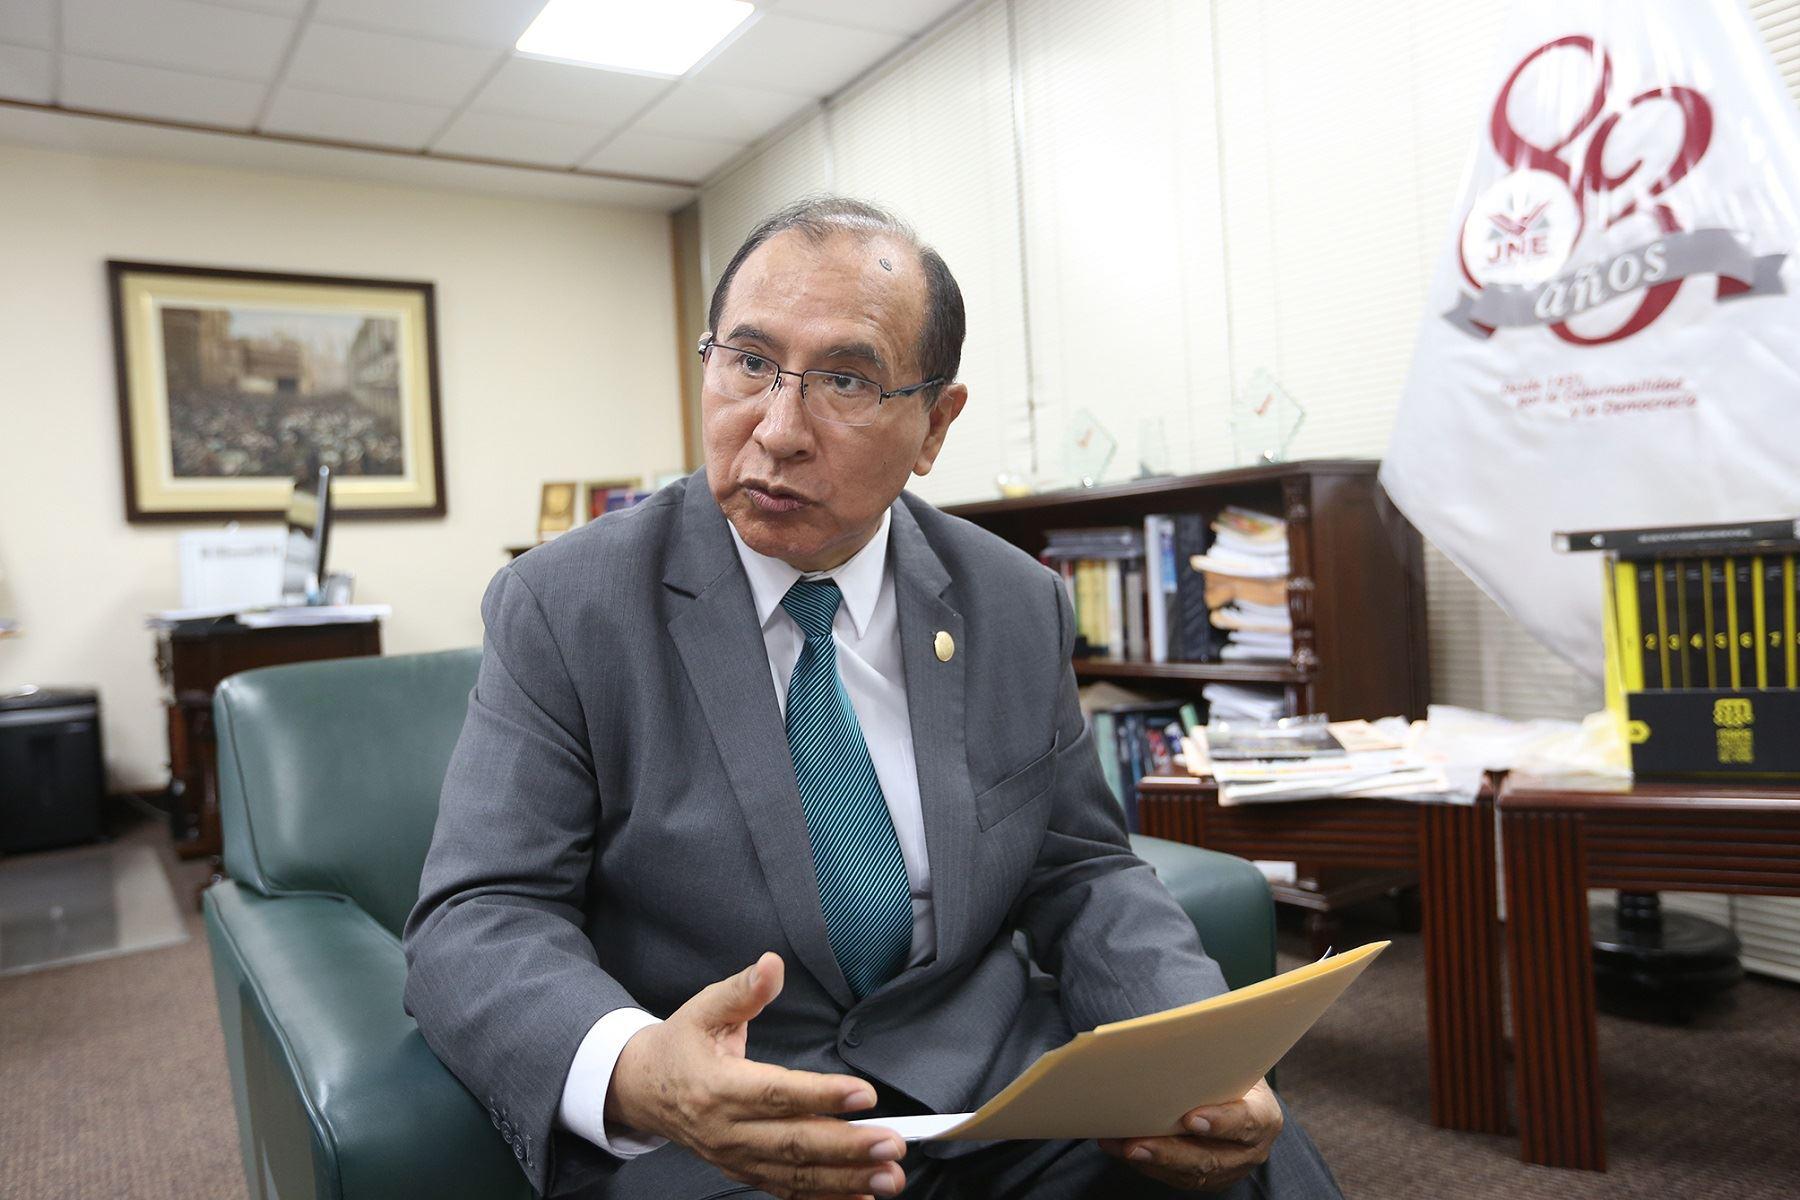 Víctor Ticona, presidente del Jurado Nacional de Elecciones, en entrevista con el Diario El Peruano y la Agencia Andina.